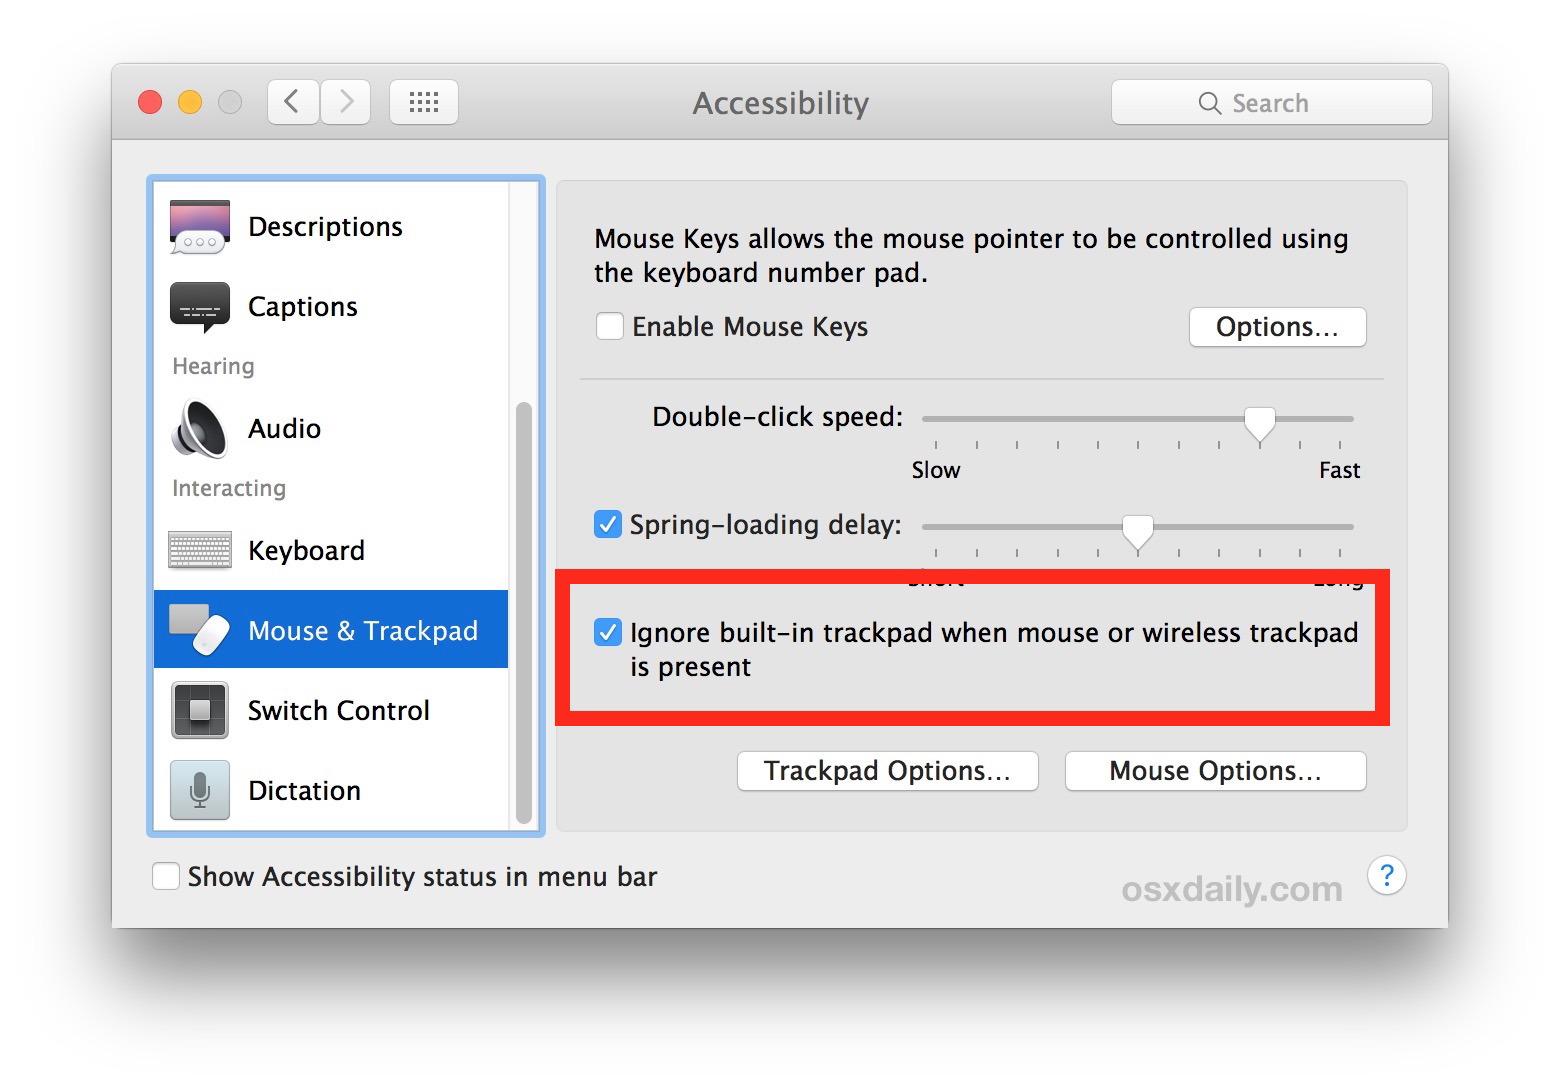 Disattiva il trackpad quando il mouse o il trackpad esterni sono collegati al Mac